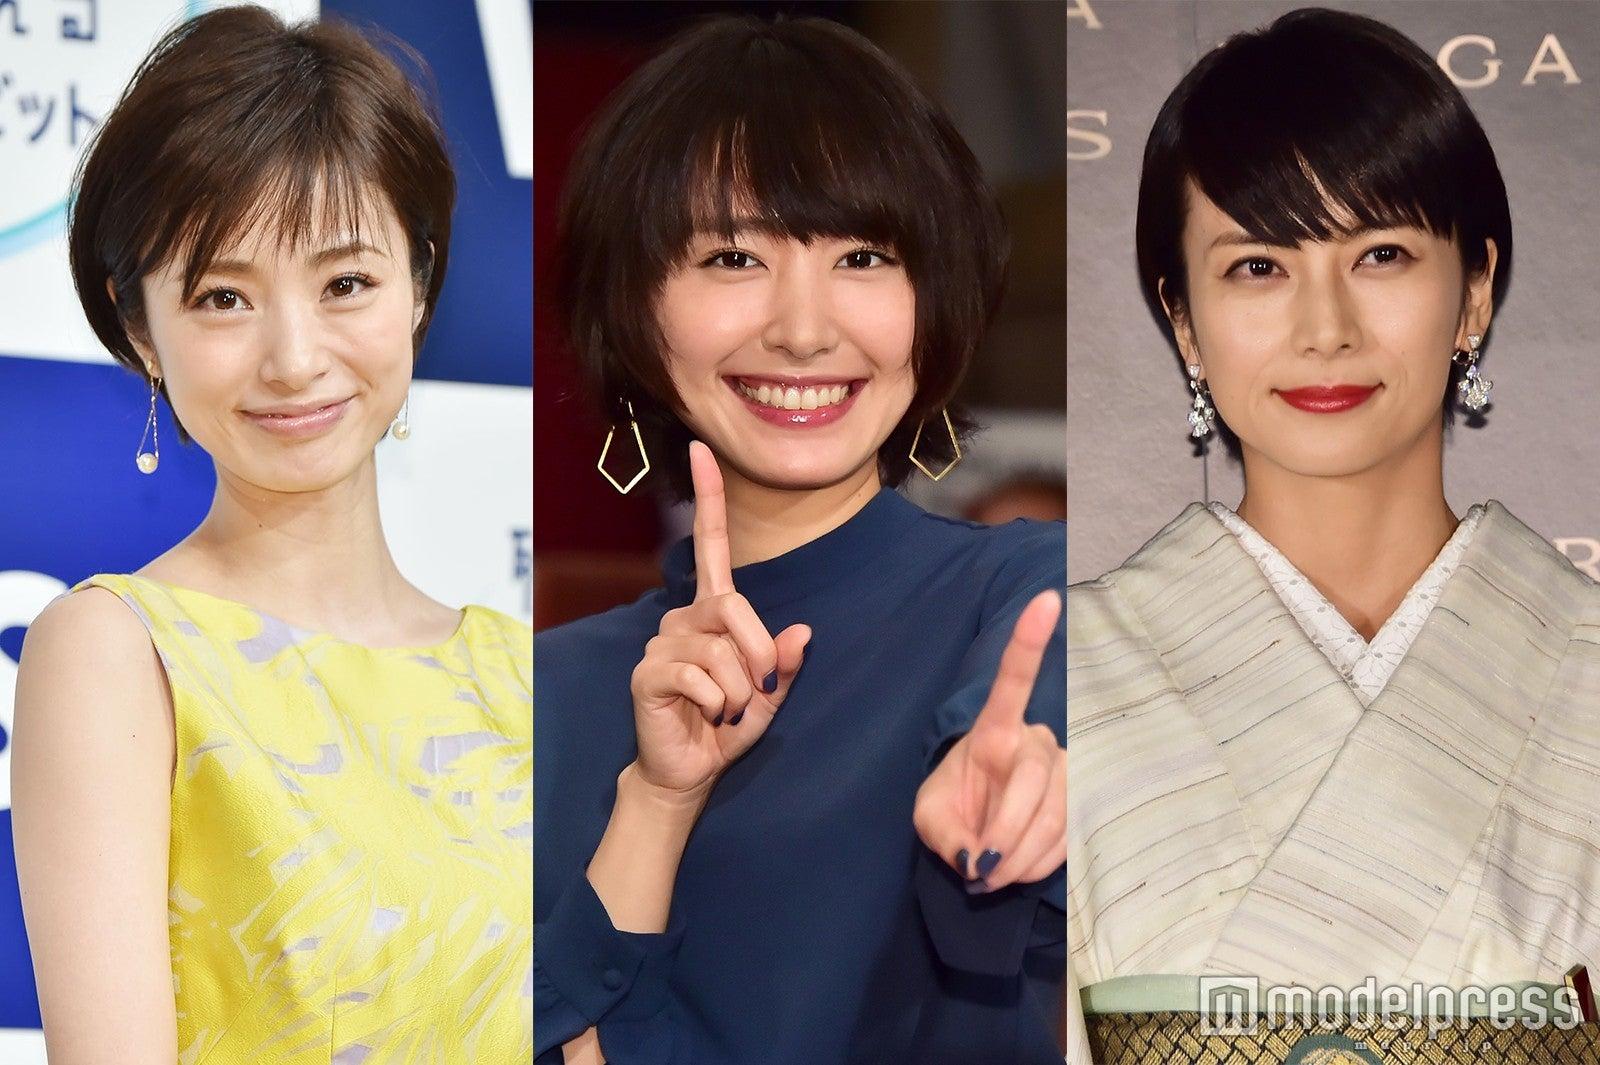 柴咲コウ・上戸彩・新垣結衣\u2026ショート美女のロングヘア時代